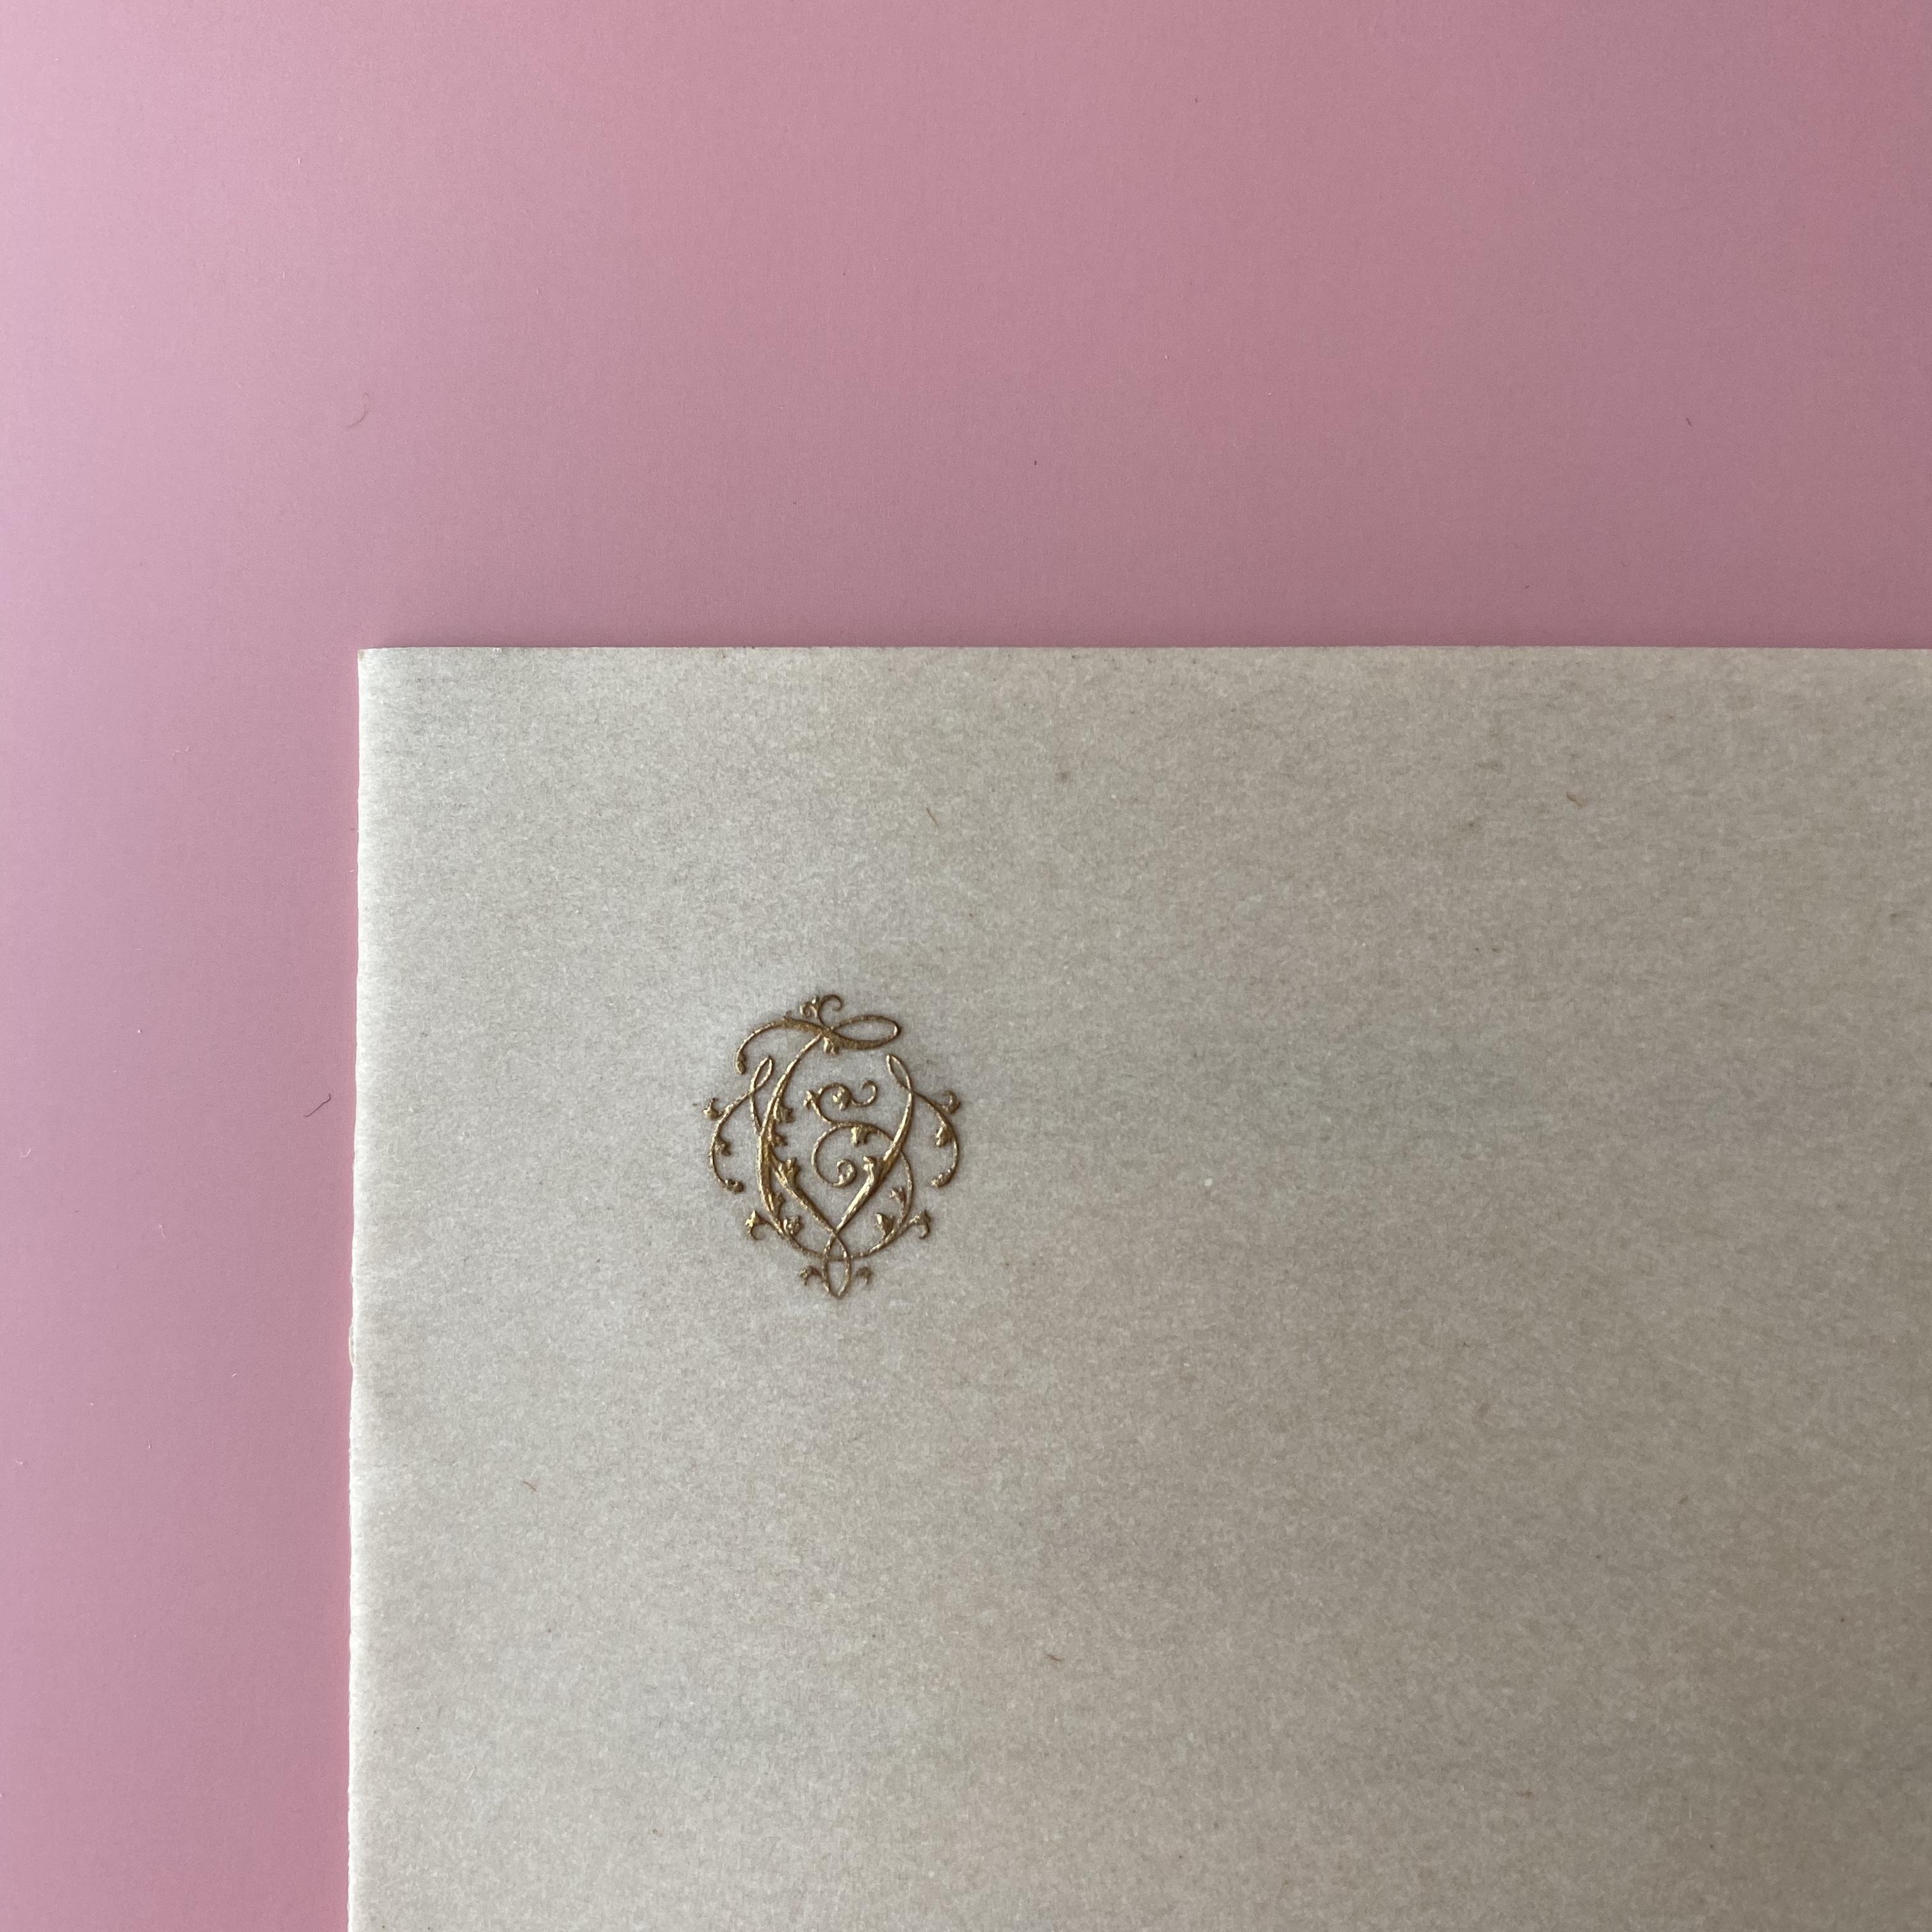 セルロイドメニューカード・1908/ vp0076